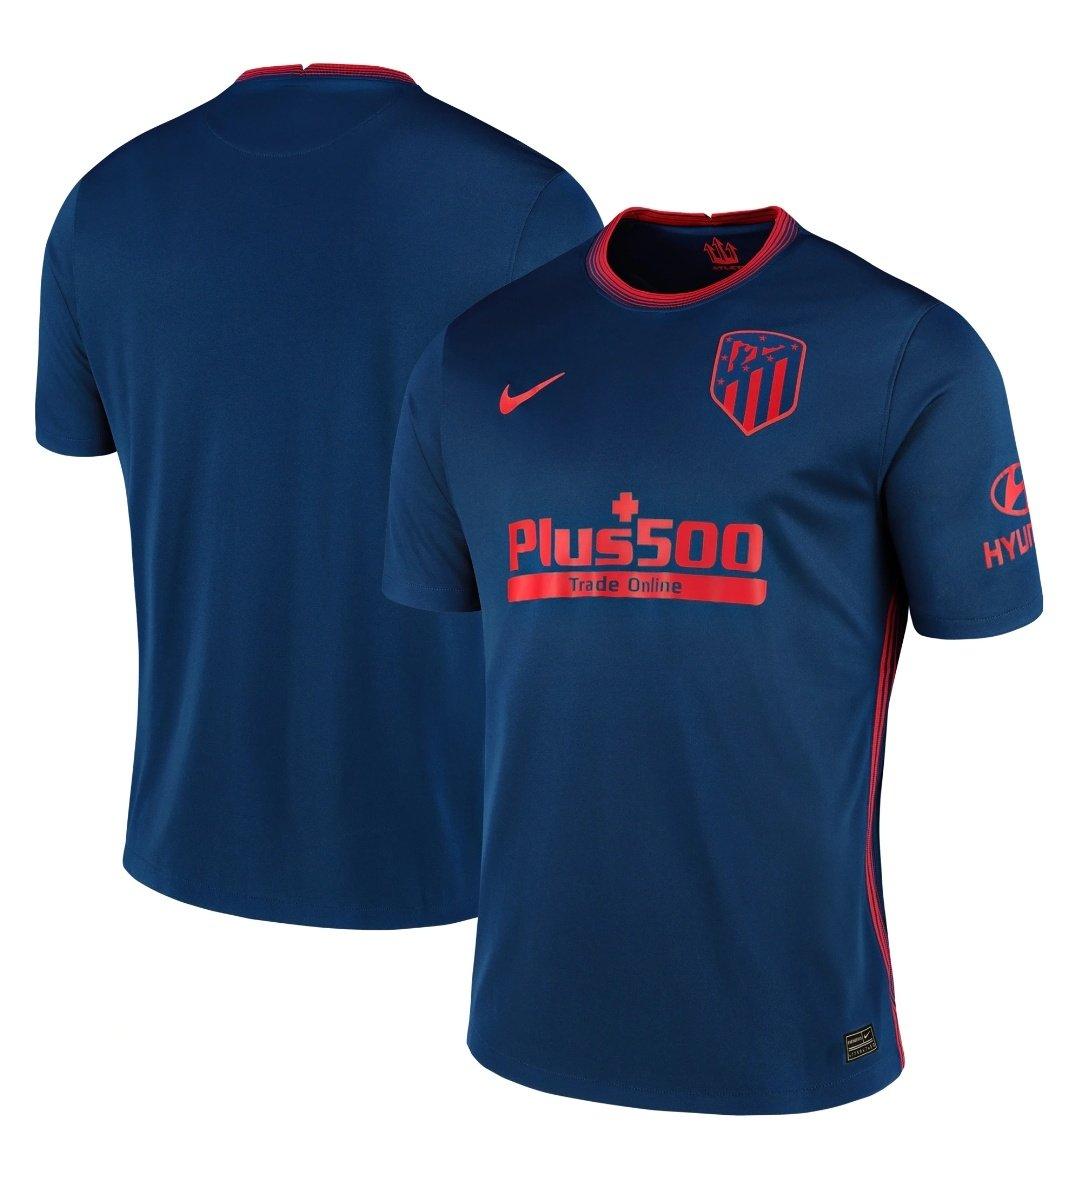 La segunda camiseta del Atlético de Madrid.